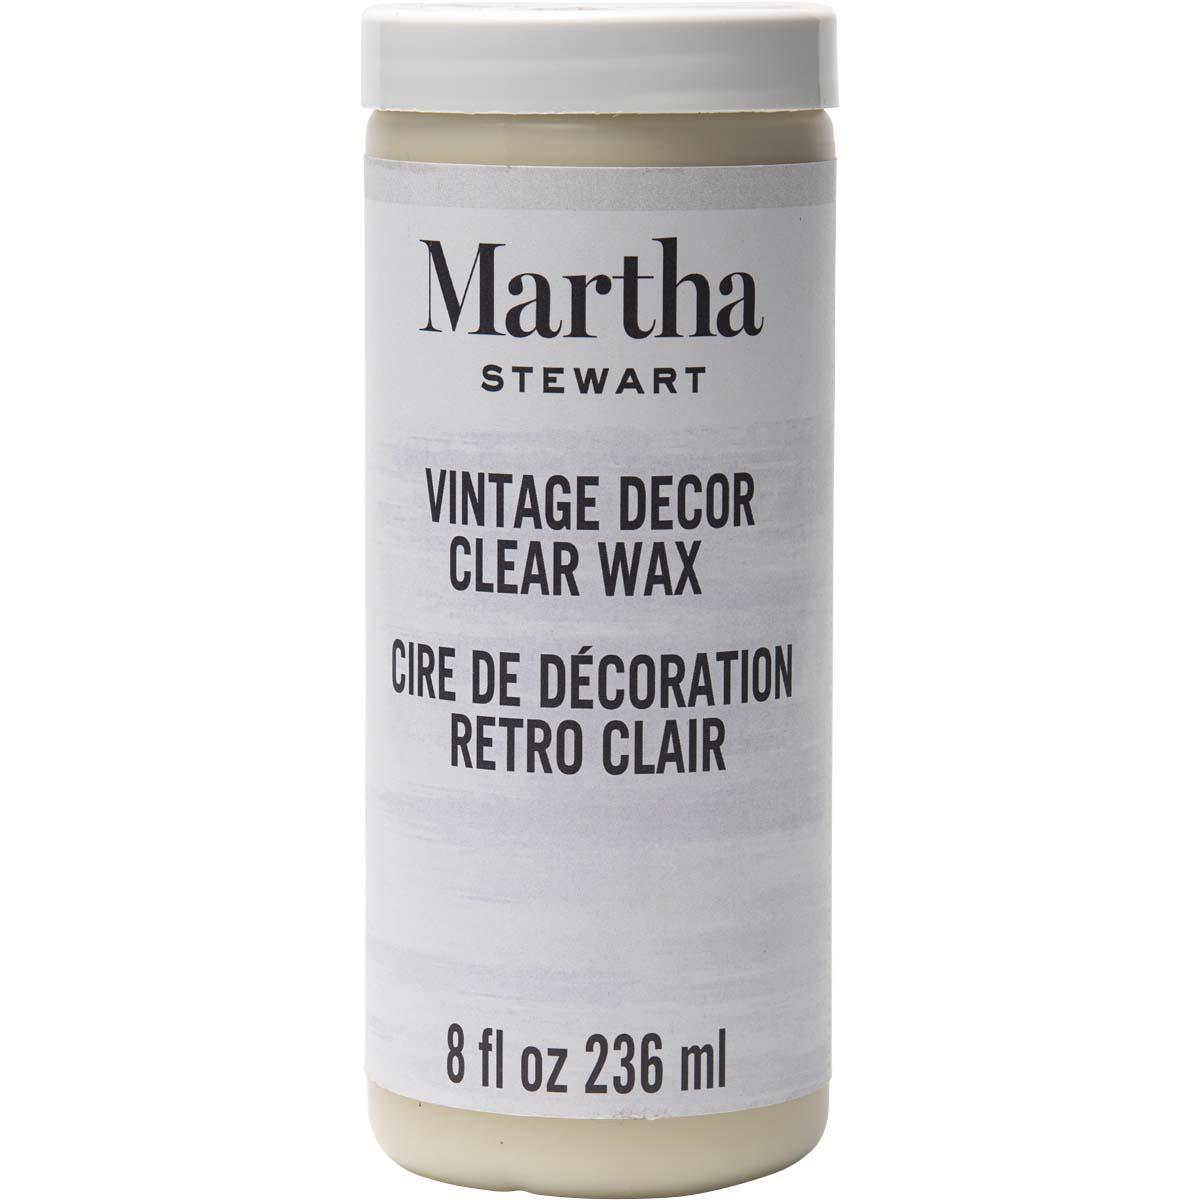 MARTHA STEWART VINTAGE DECOR 8 OZ. CLEAR WAX